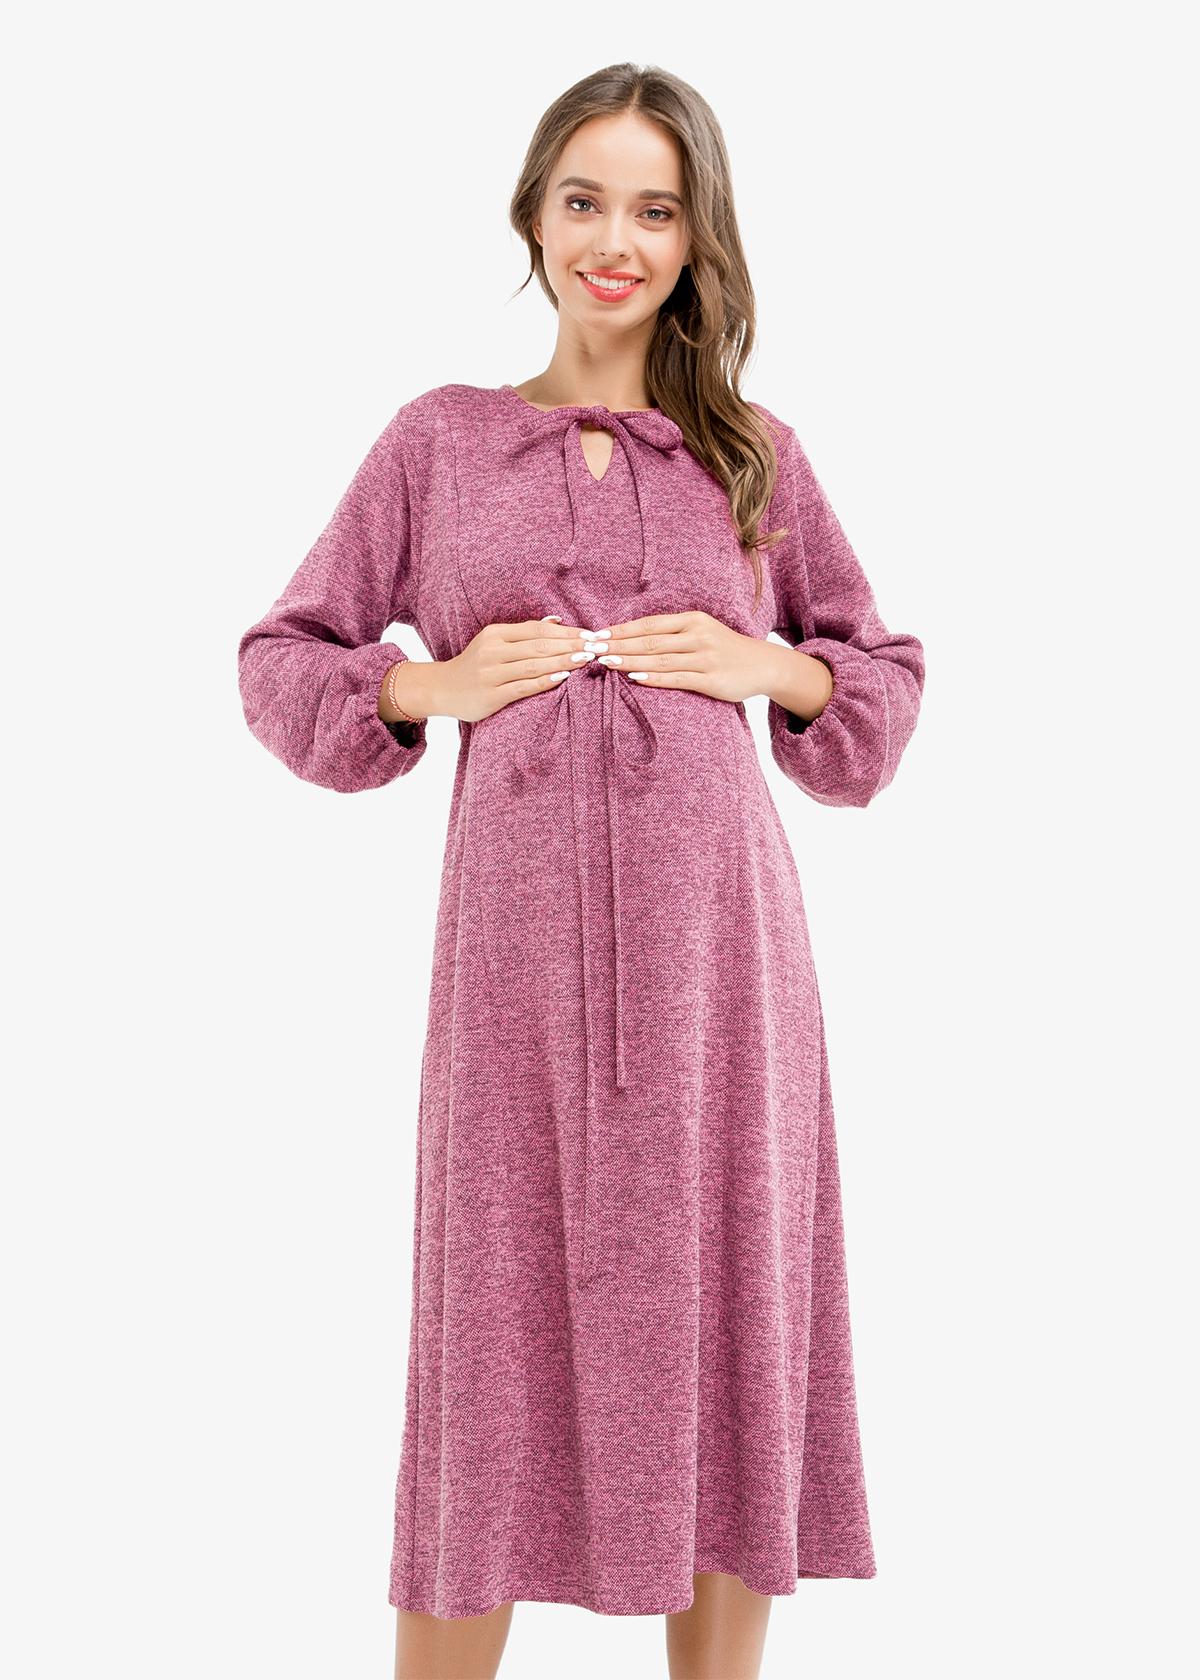 Фото: Красивое платье для беременных ниже колен